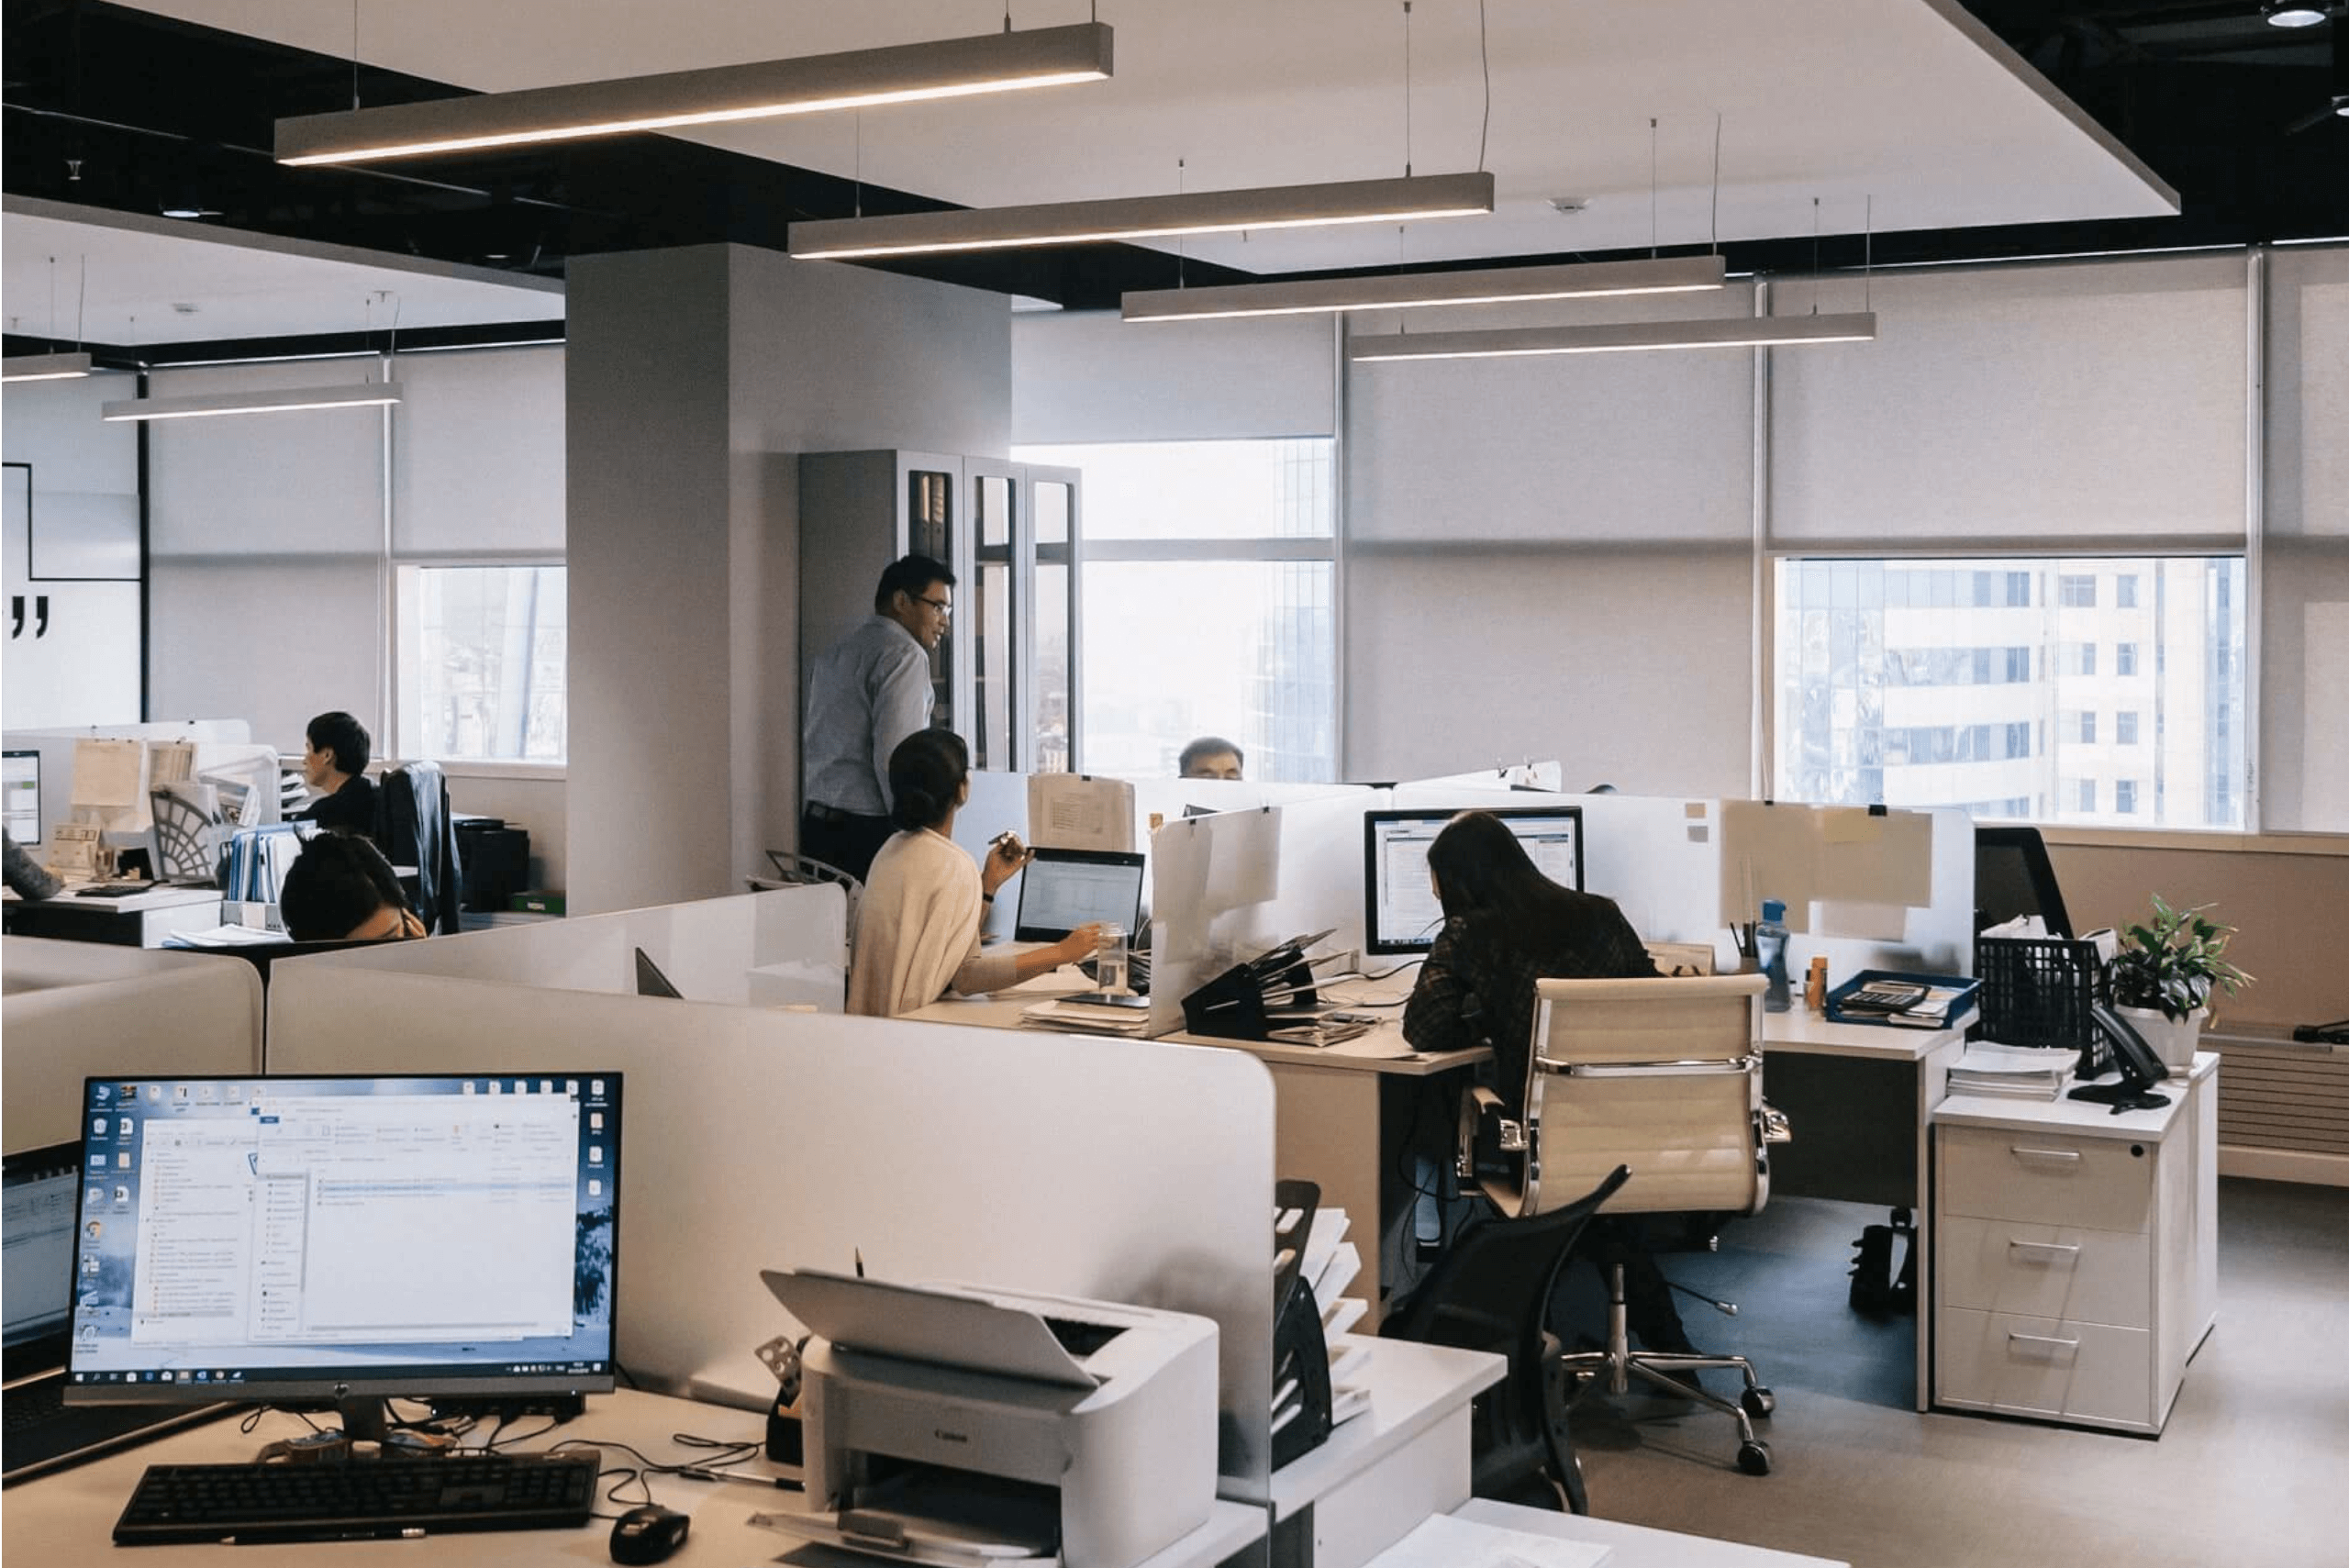 Servicios informático a empresas, IPGRUP